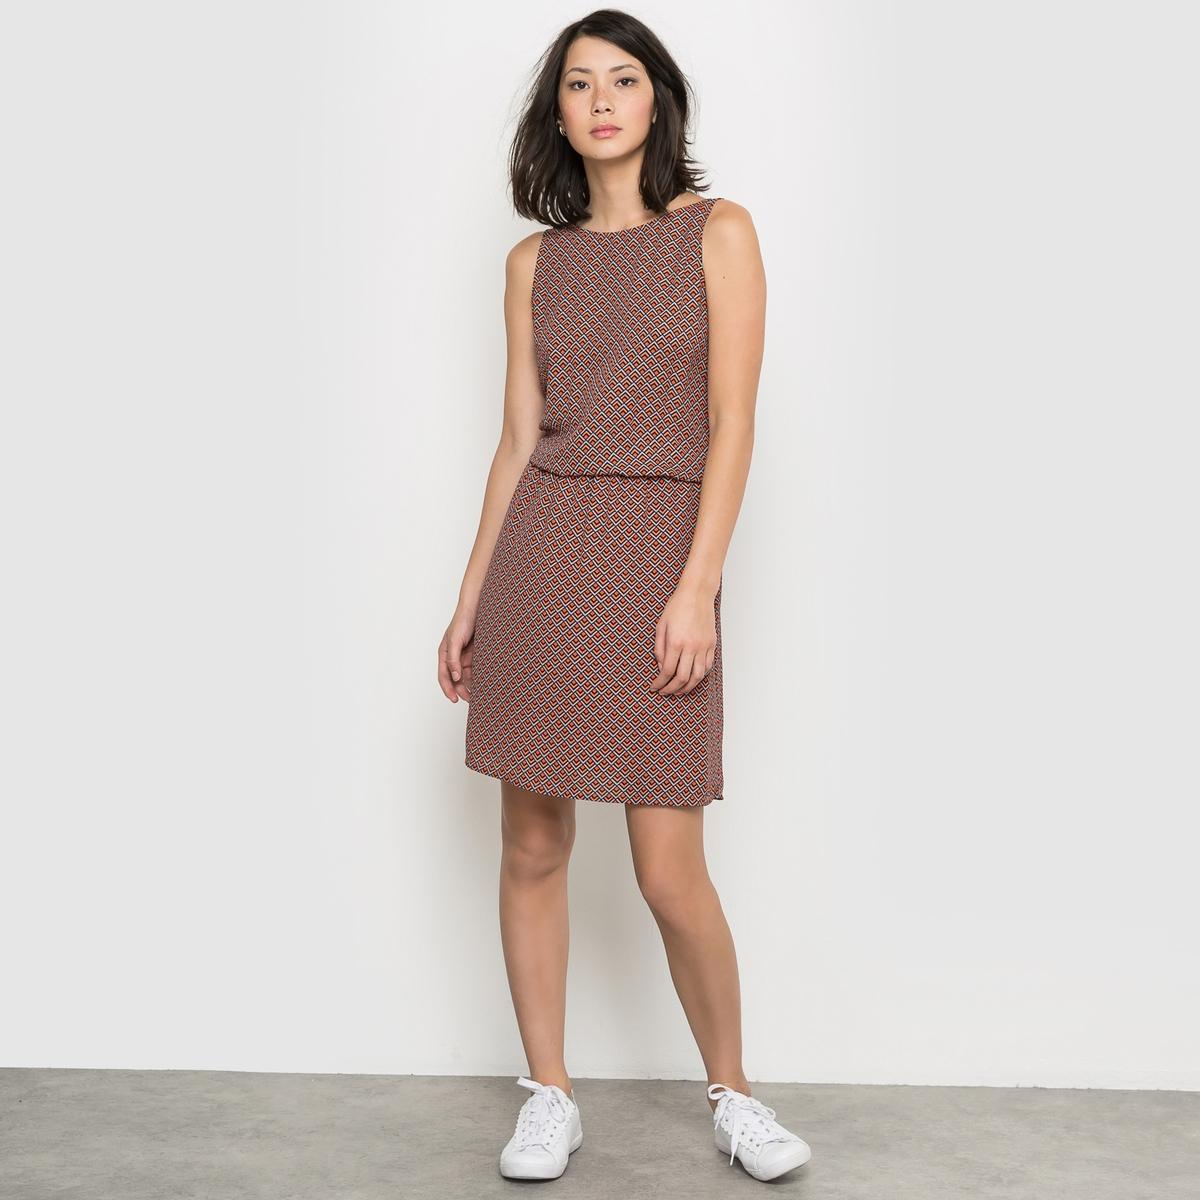 Ажурное платье с декольте на спинеПлатье с декольте на спине. Глубокий V-образный вырез на спине . эластичный пояс. На подкладке . Состав и описаниеМатериал: 100% полиэстераДлина  98 смМарка: LES PETITS PRIXУходМашинная стирка при 30° с одеждой такого же цвета.Стирать и гладить с изнанки<br><br>Цвет: набивной рисунок<br>Размер: 42 (FR) - 48 (RUS)